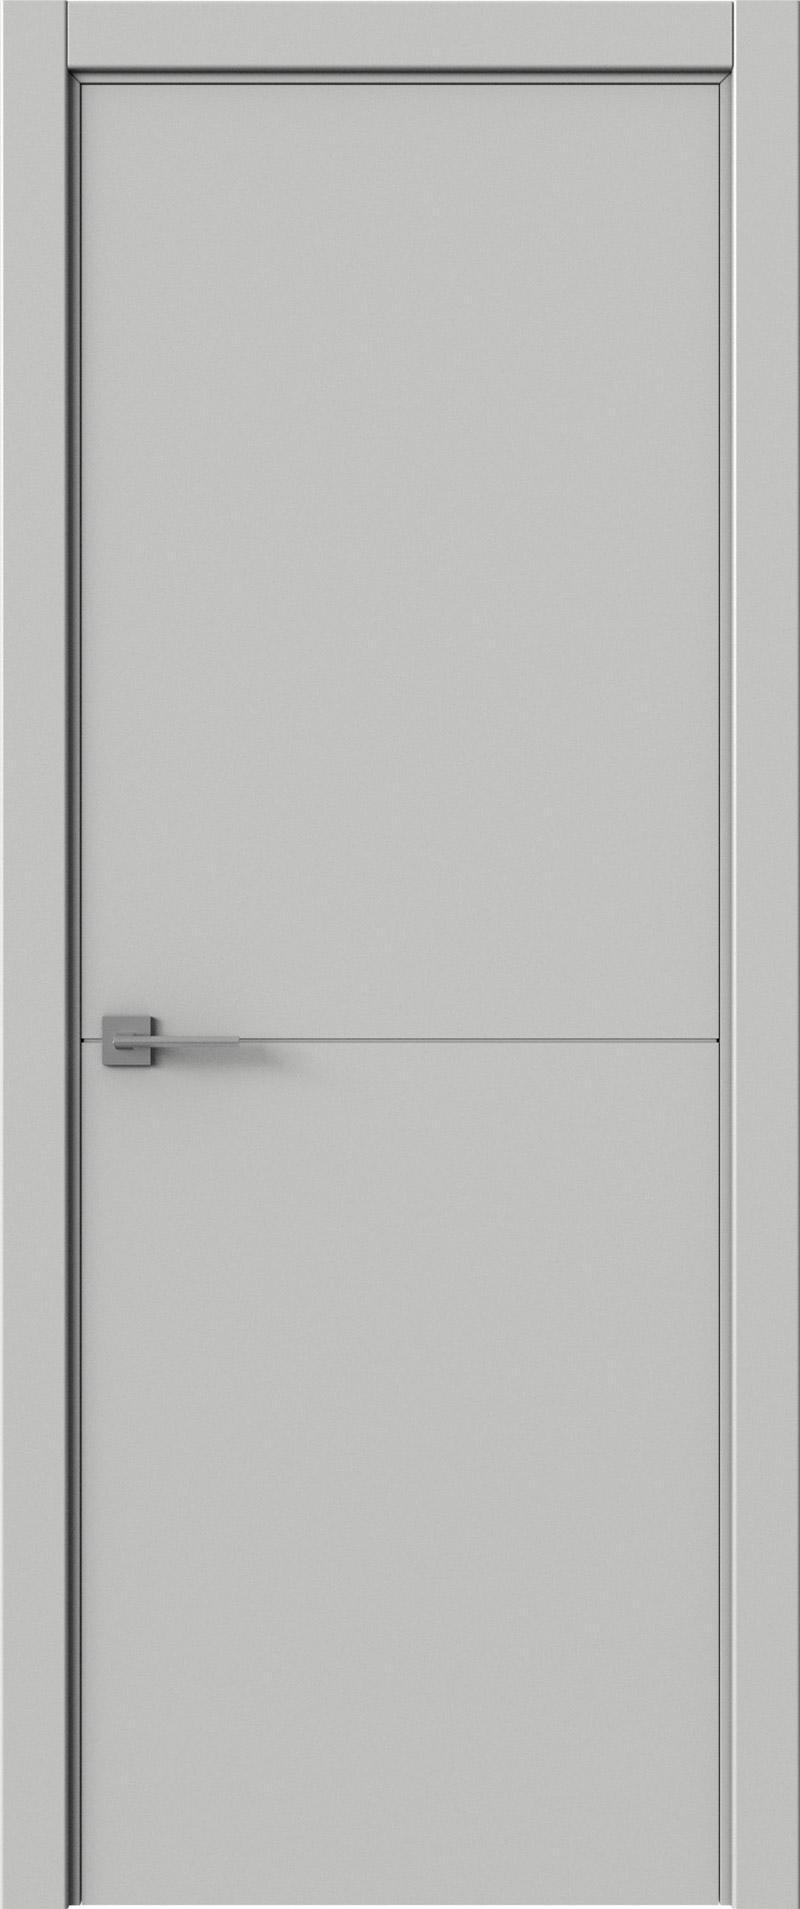 Tivoli Б-2 цвет - Серая эмаль (RAL 7047) Без стекла (ДГ)